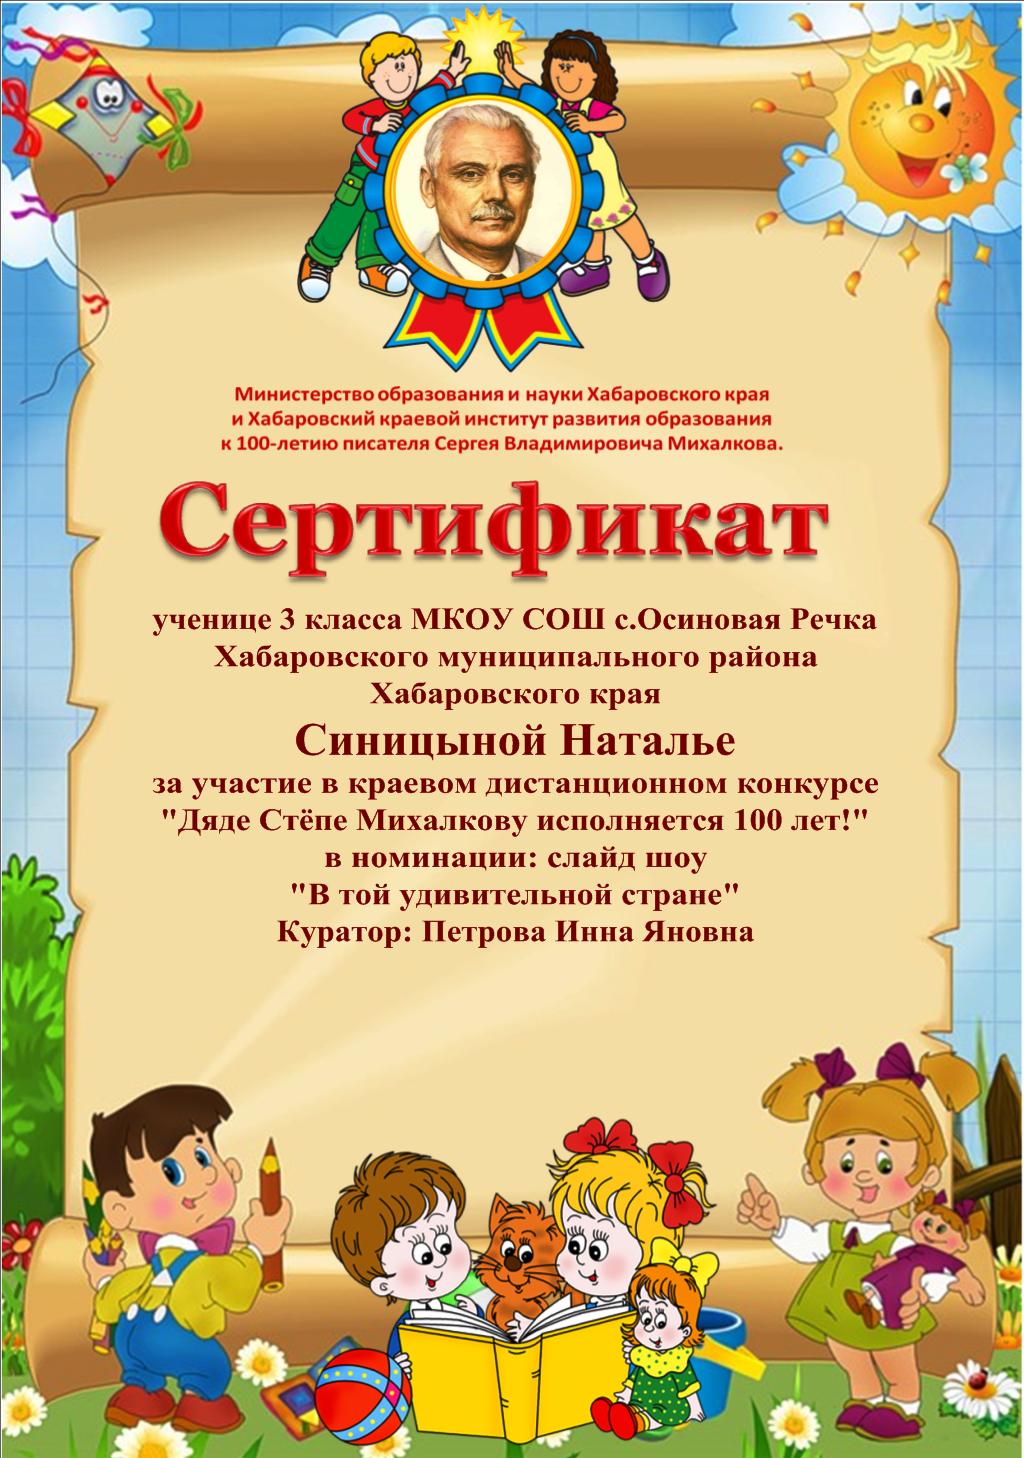 Сертификат участника конкурса образец скачать